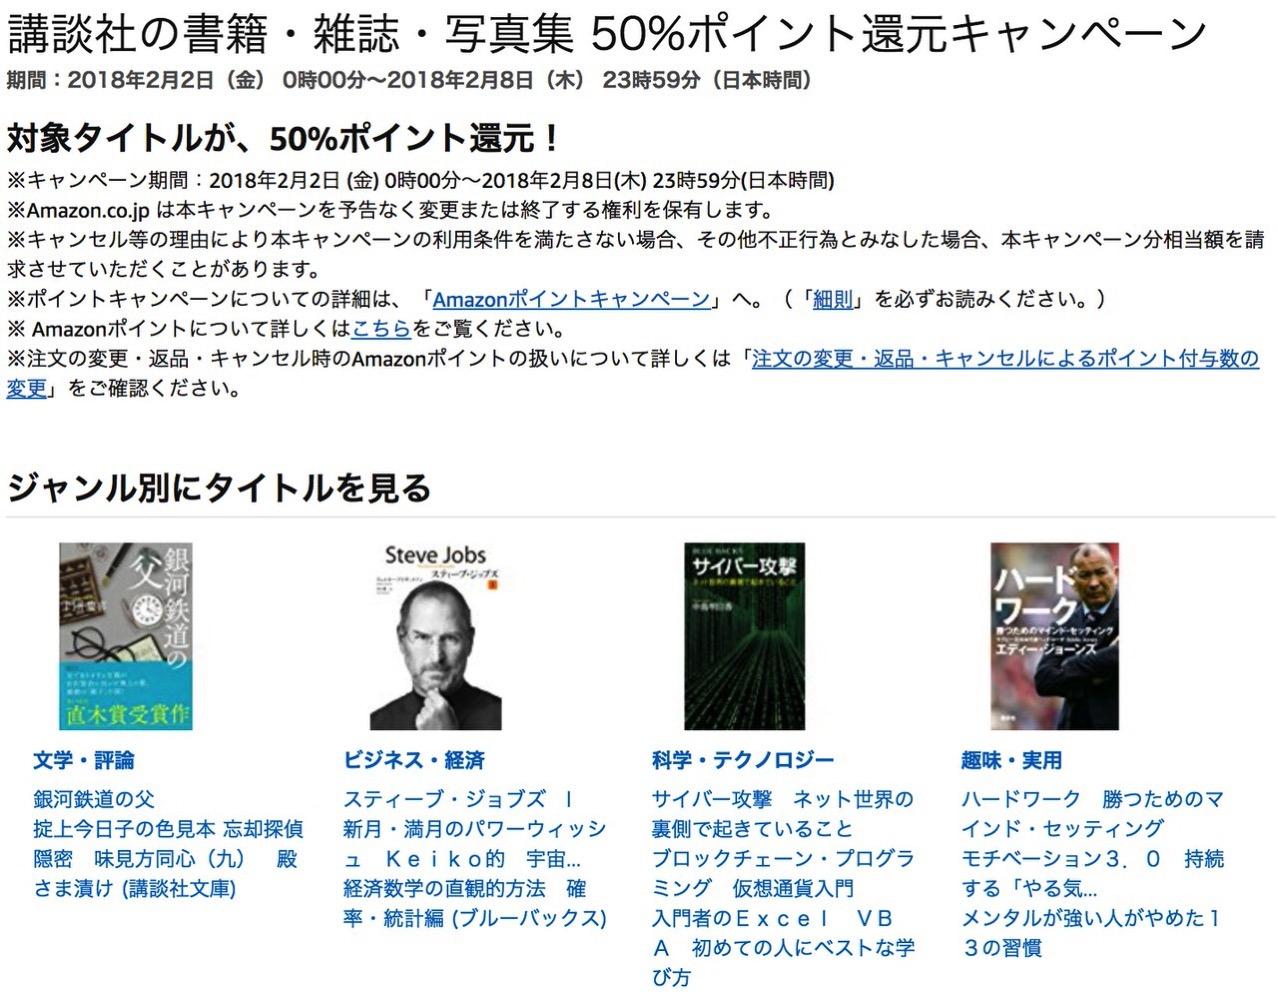 【Kindleセール】10,000冊以上が対象!講談社の書籍・雑誌・写真集 50%ポイント還元キャンペーン